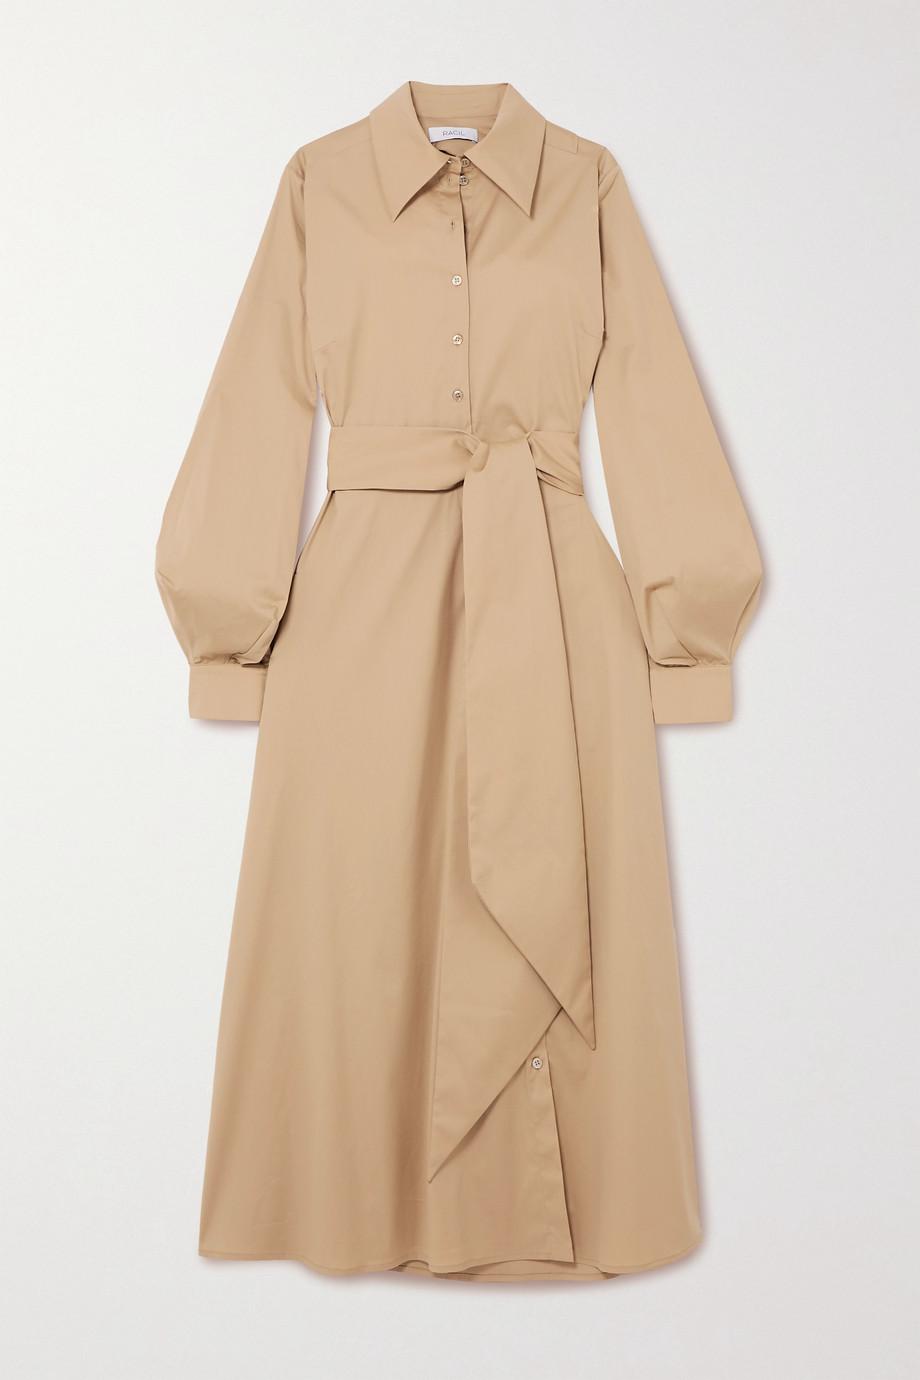 Racil Selman open-back belted cotton-blend shirt dress